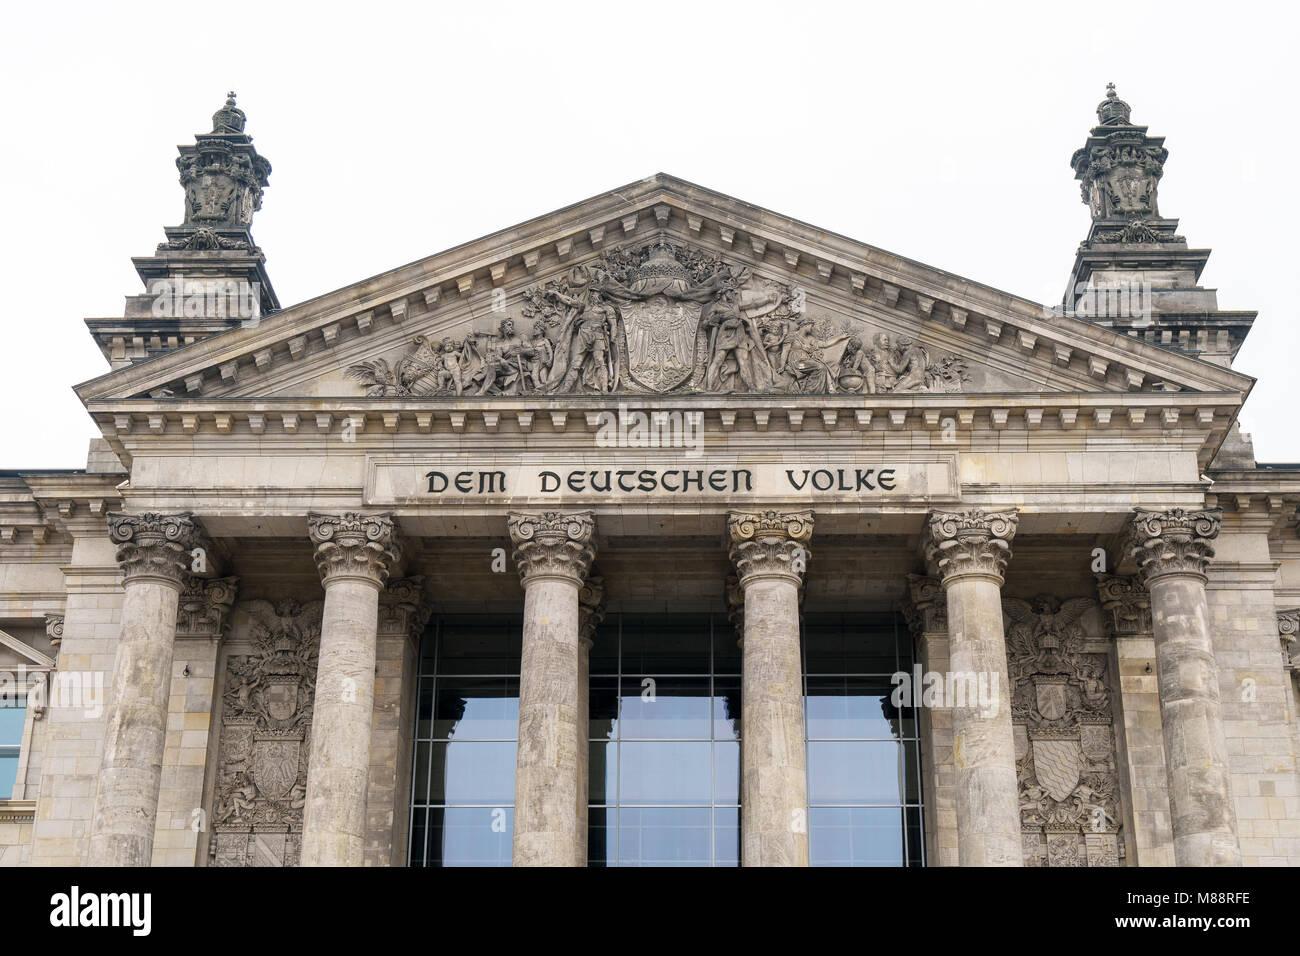 Die deutsche Inschrift Dem deutschen Volke, d.h. der deutschen Bevölkerung, die auf dem Portal von Bundestag Stockbild